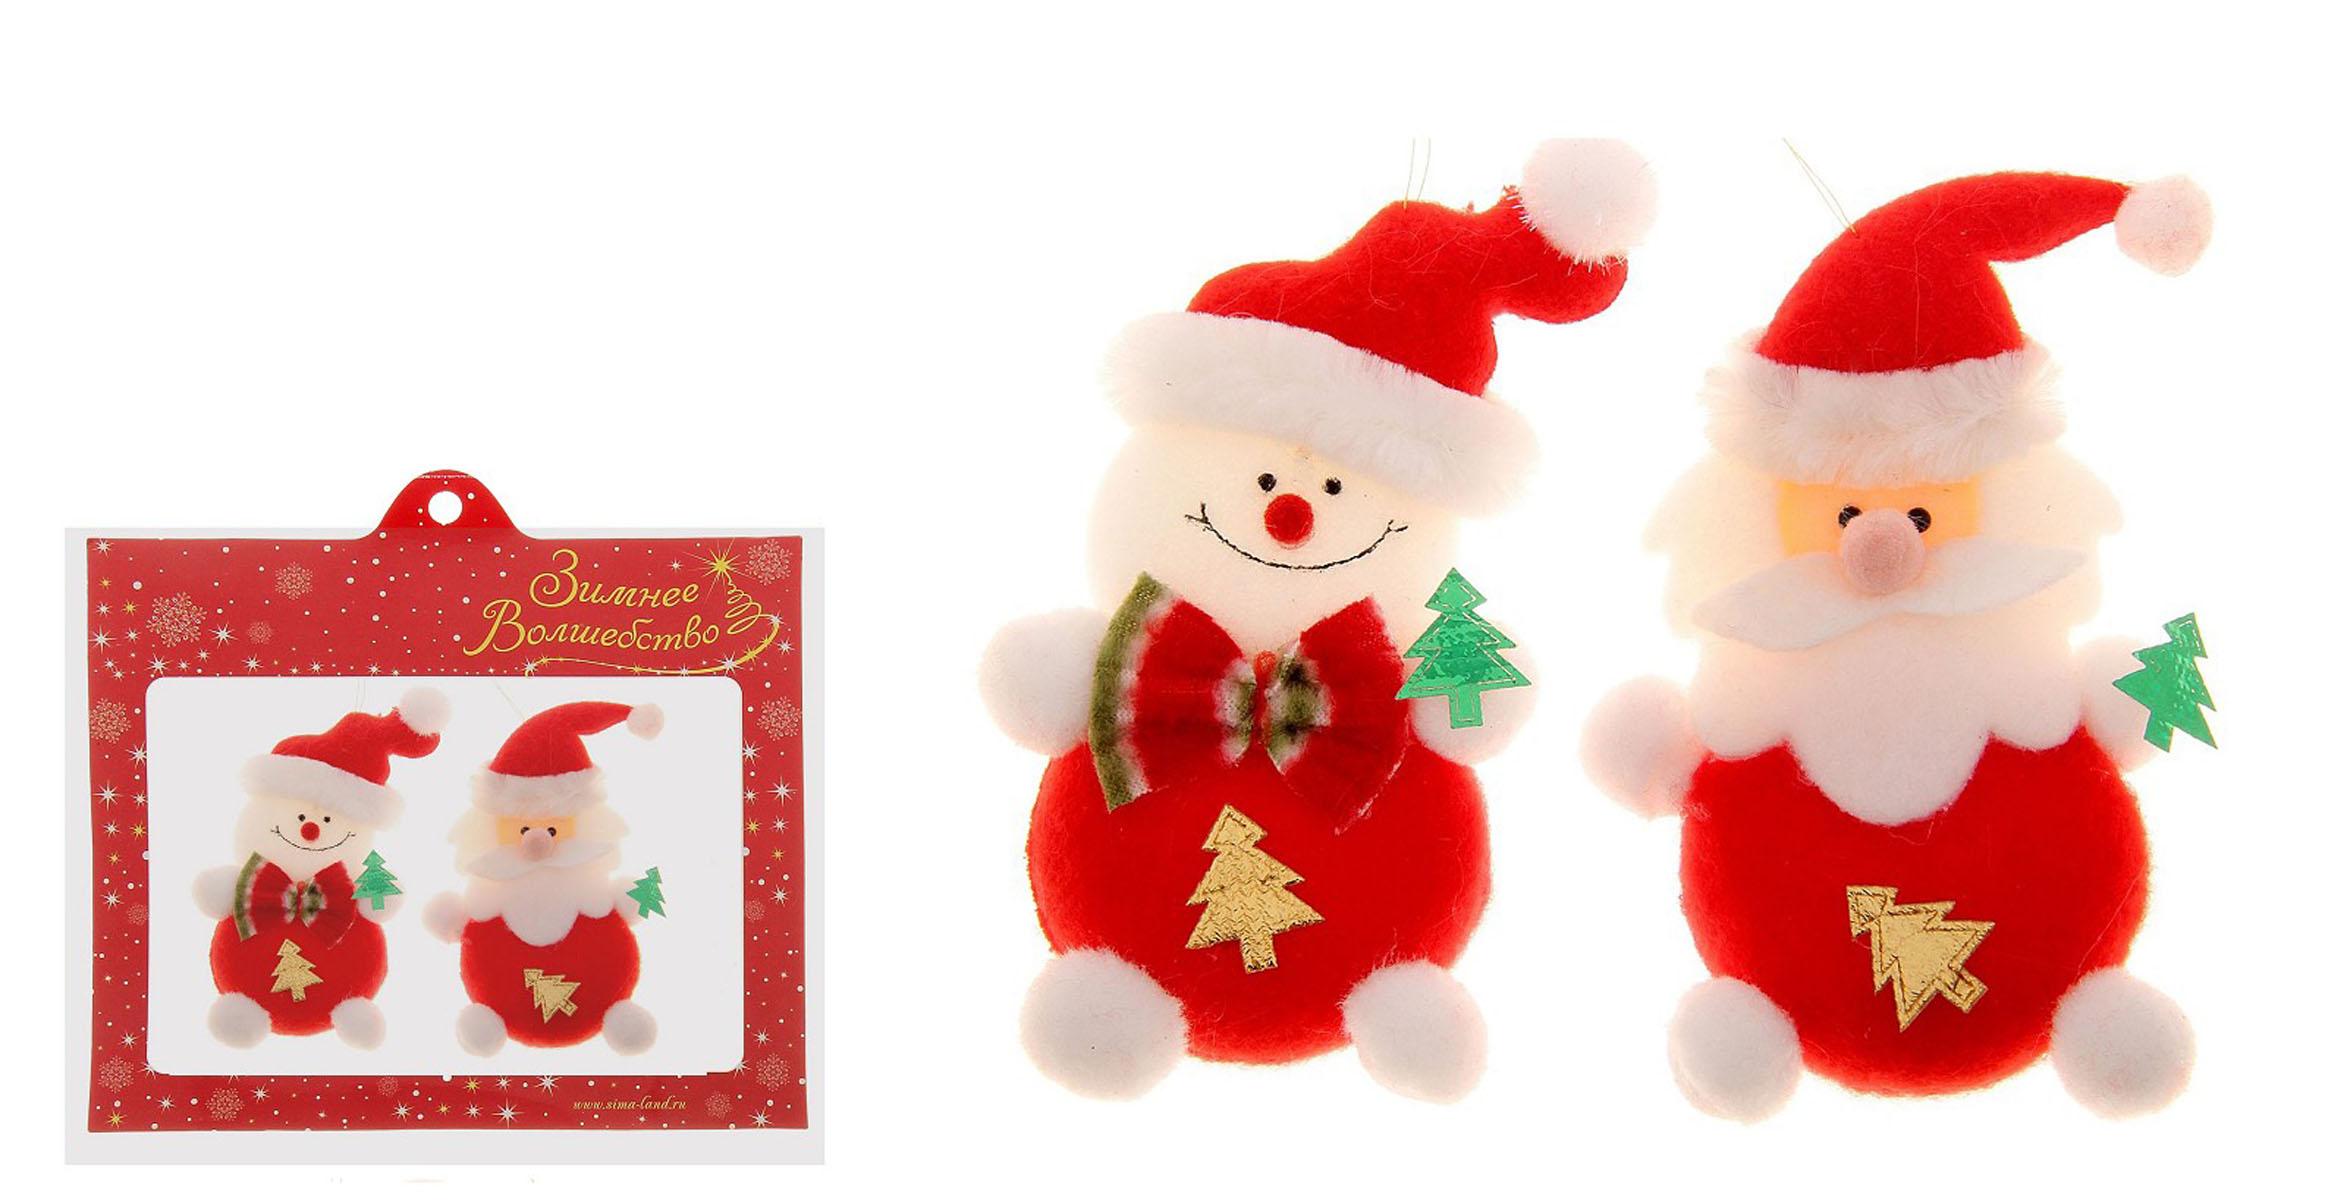 Набор новогодних подвесных украшений Sima-land, 2 шт. 718513718513Набор Sima-land, состоящий из двух новогодних подвесных украшений, отлично подойдет для декорации вашего дома и новогодней ели. Игрушки выполнены из текстиля в виде Деда Мороза и Снеговика с декоративными елочками. Украшения оснащены специальными текстильными петельками для подвешивания. Елочная игрушка - символ Нового года. Она несет в себе волшебство и красоту праздника. Создайте в своем доме атмосферу веселья и радости, украшая всей семьей новогоднюю елку нарядными игрушками, которые будут из года в год накапливать теплоту воспоминаний. Коллекция декоративных украшений из серии Зимнее волшебство принесет в ваш дом ни с чем не сравнимое ощущение праздника! Материал: текстиль, пластик. Размер украшения (Дед Мороз): 6,5 см х 2 см х 11 см. Размер украшения (Снеговик): 6 см х 2 см х 12 см.